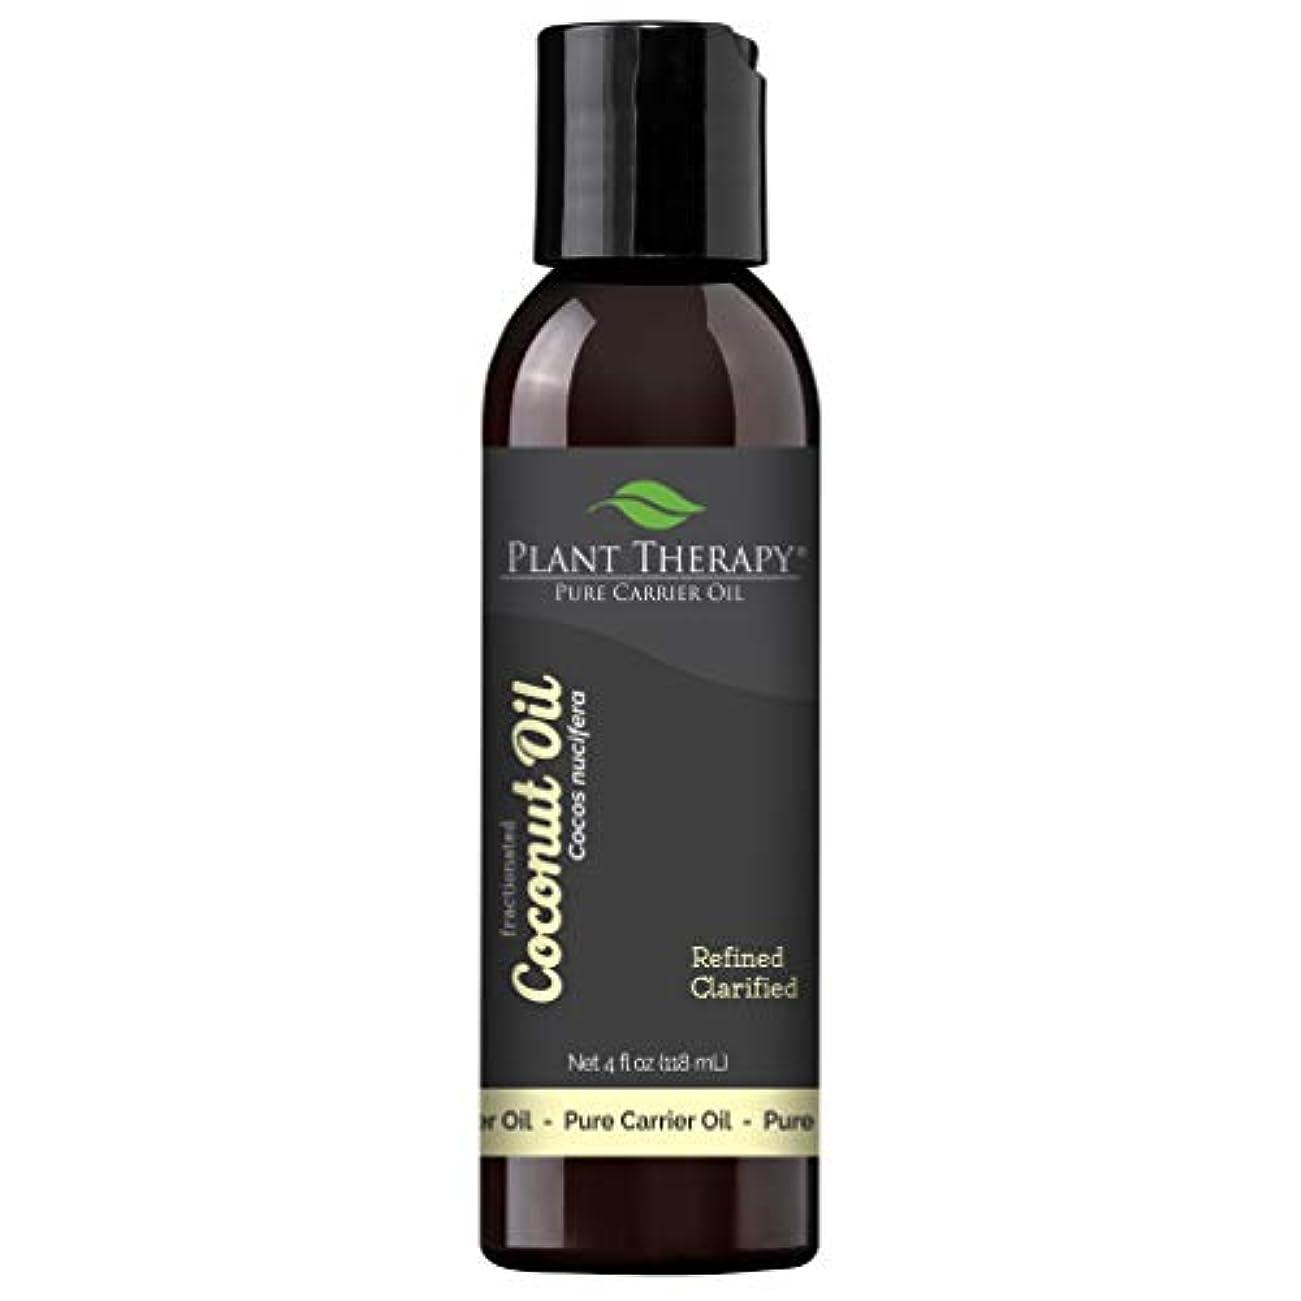 溶岩ボイド定説Plant Therapy Essential Oils (プラントセラピー エッセンシャルオイル) ココナッツ (分別蒸留) 4 オンス キャリアオイル